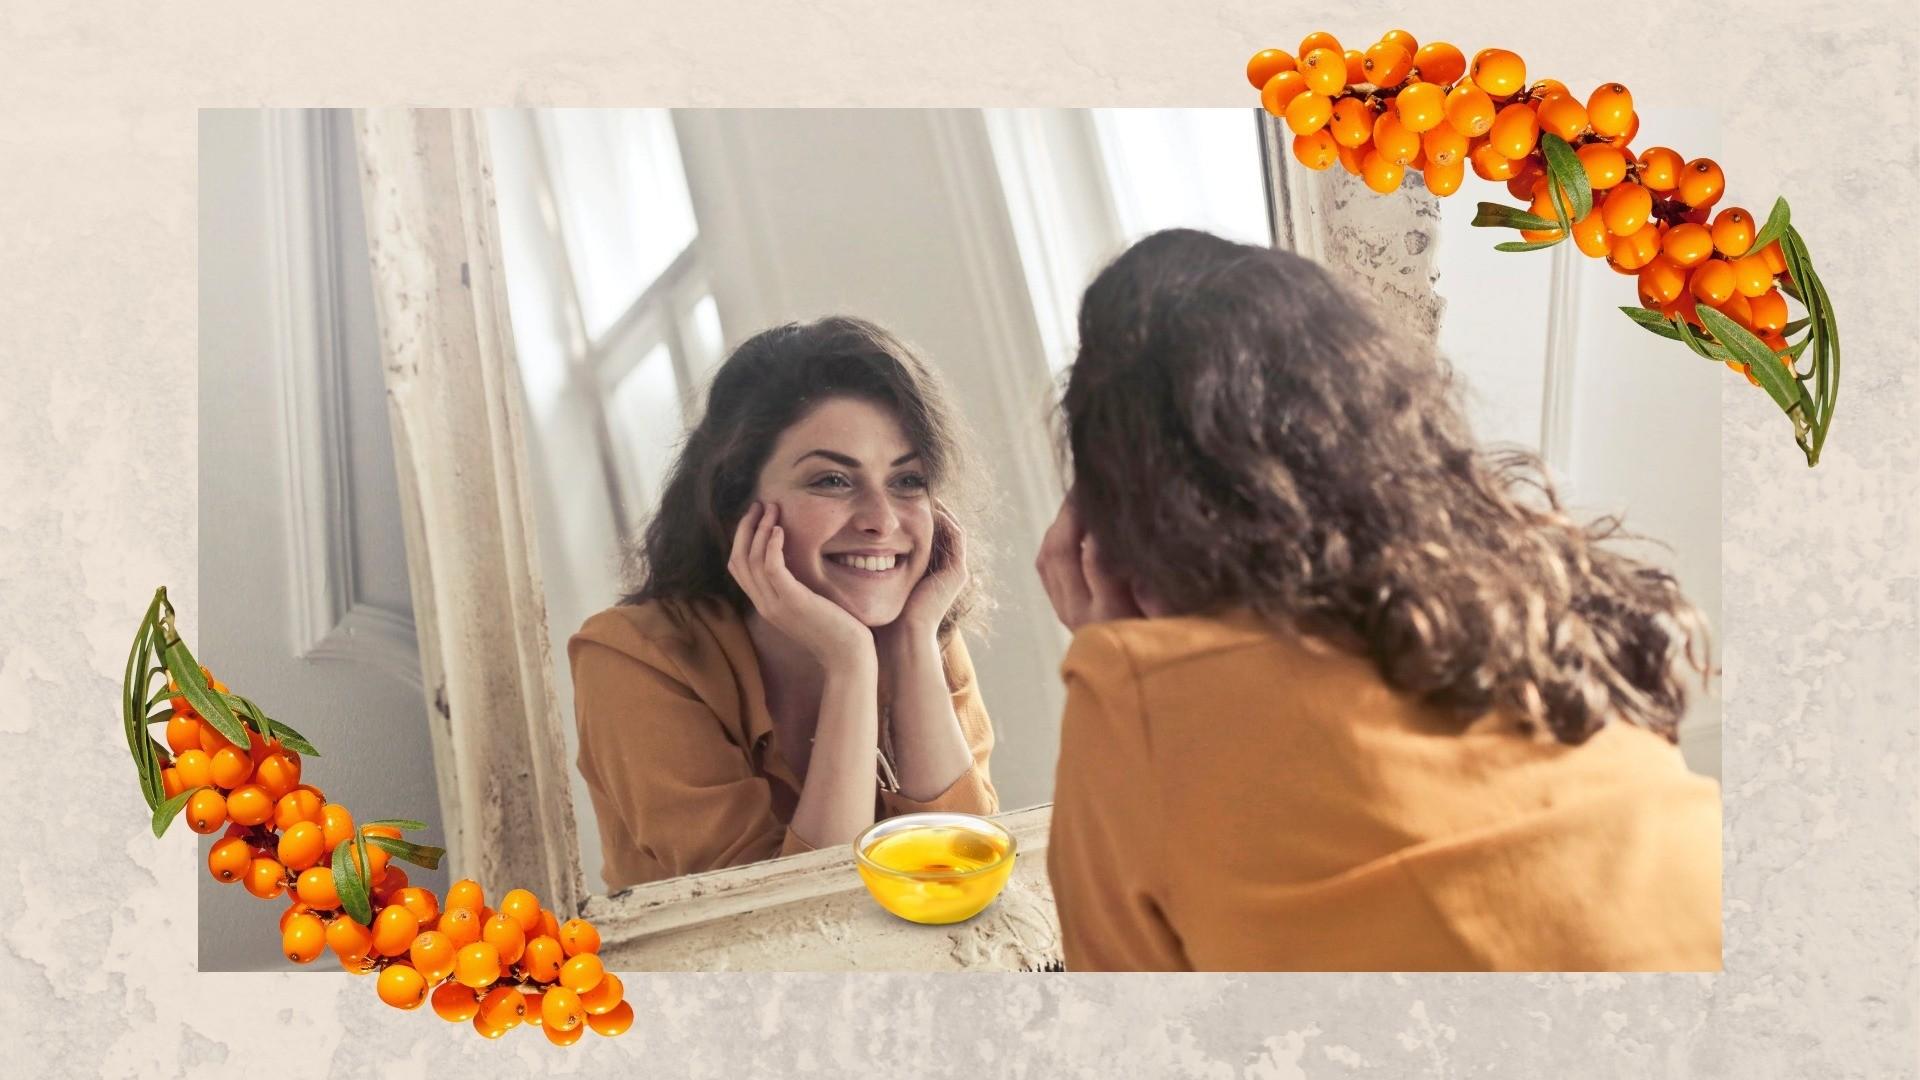 Натурально молодеем: чем полезно масло облепихи для лица и как его правильно применять?